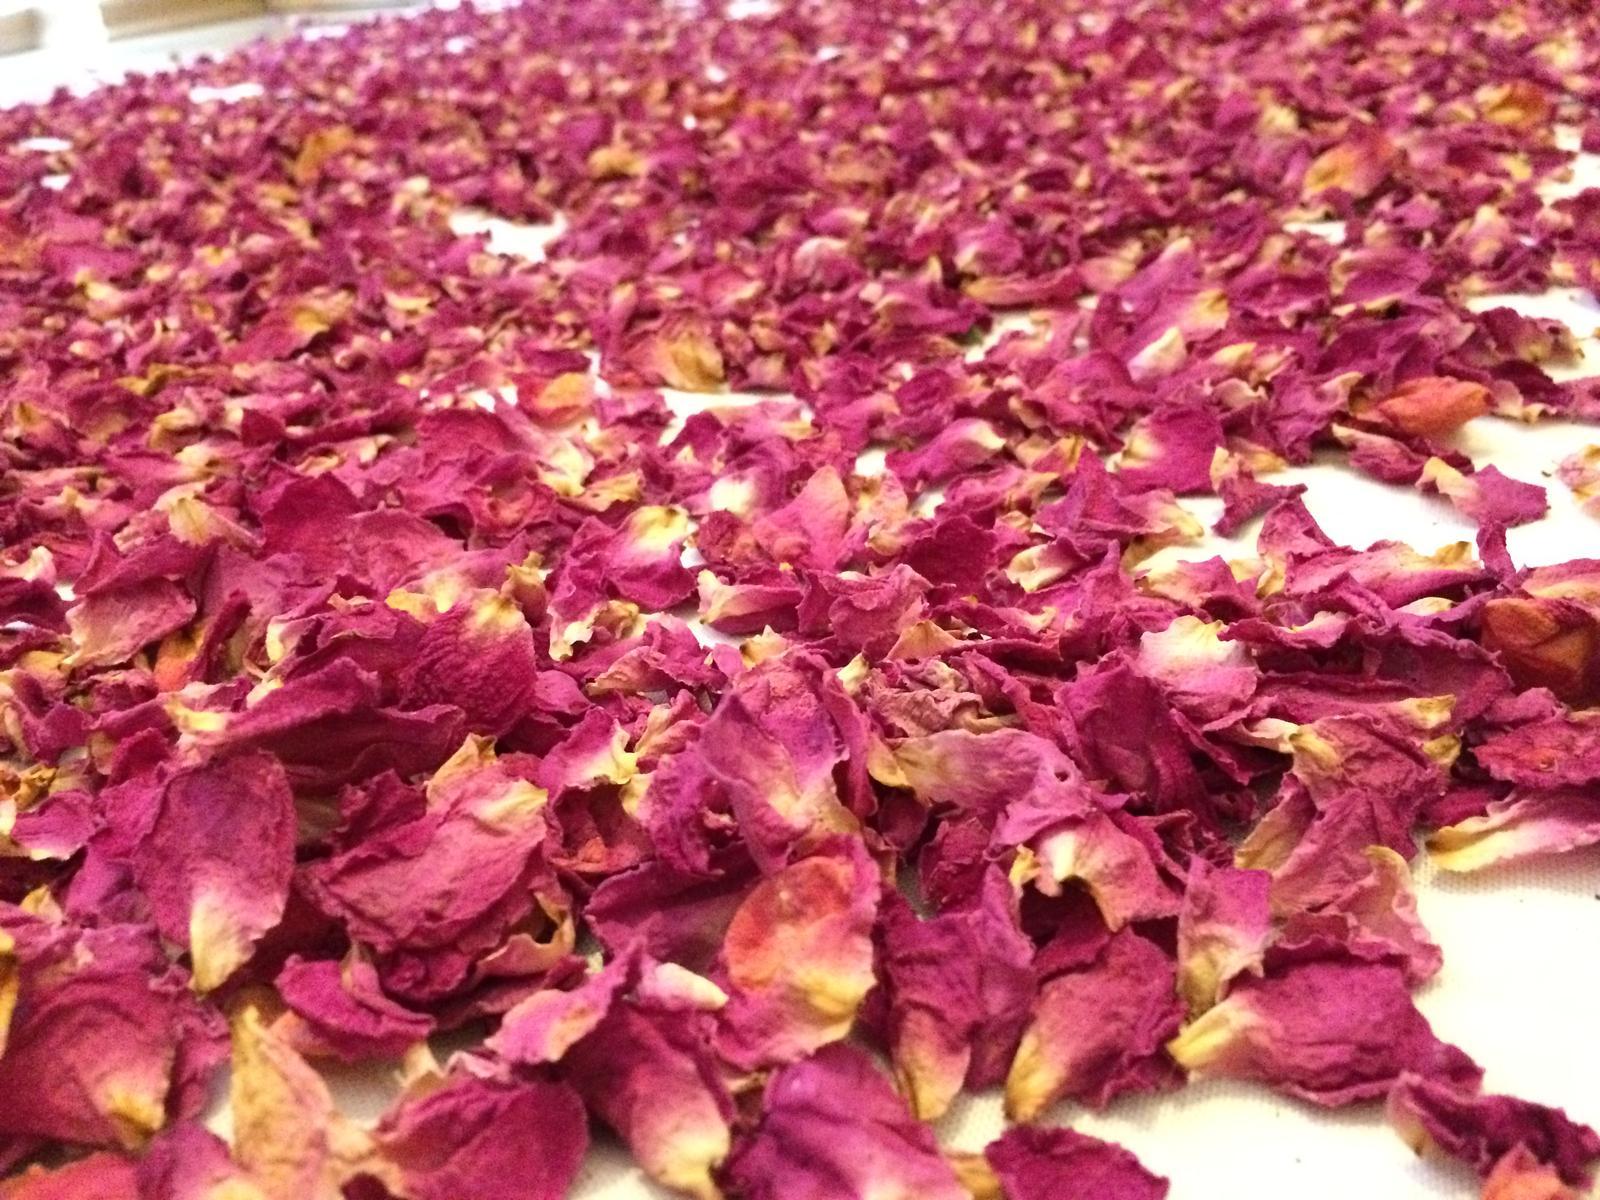 Dekorace z květin Pro radost - Okvětní lístky ze Zephirinové růže .... máte někdo osvědčený recept jak využít ? Přemýšlím nad potpouri